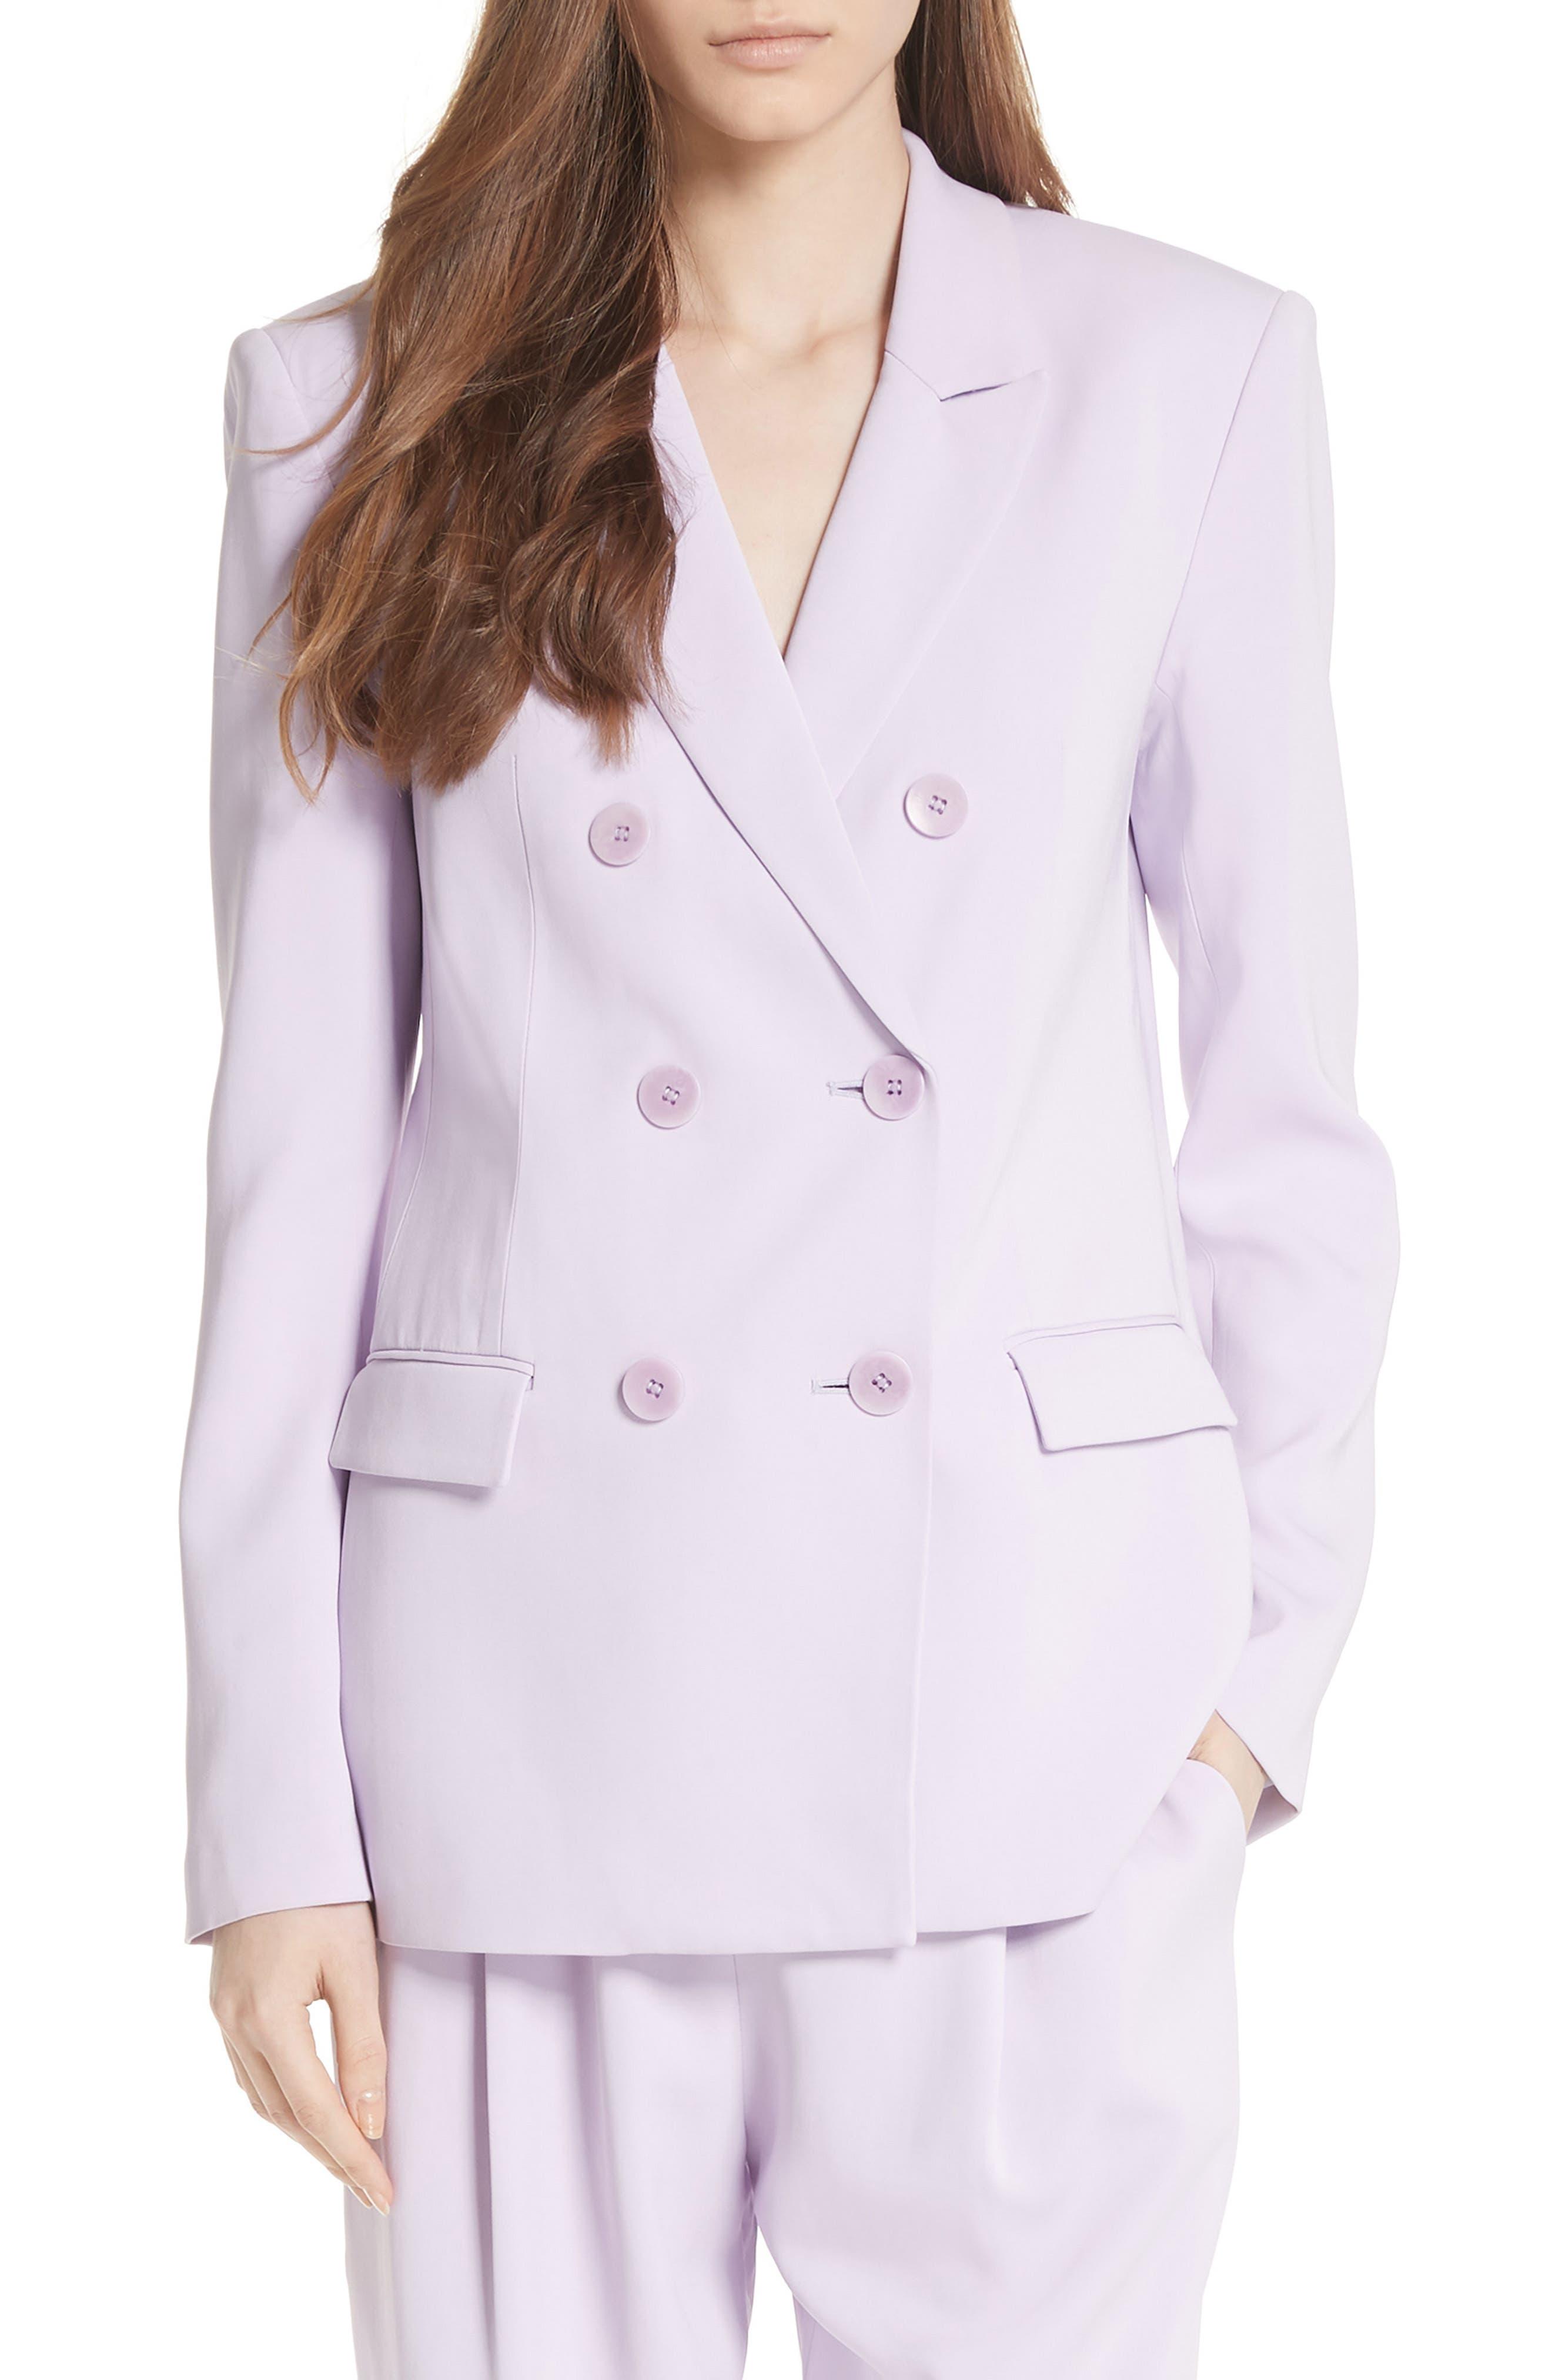 Steward Suit Jacket,                             Main thumbnail 1, color,                             531